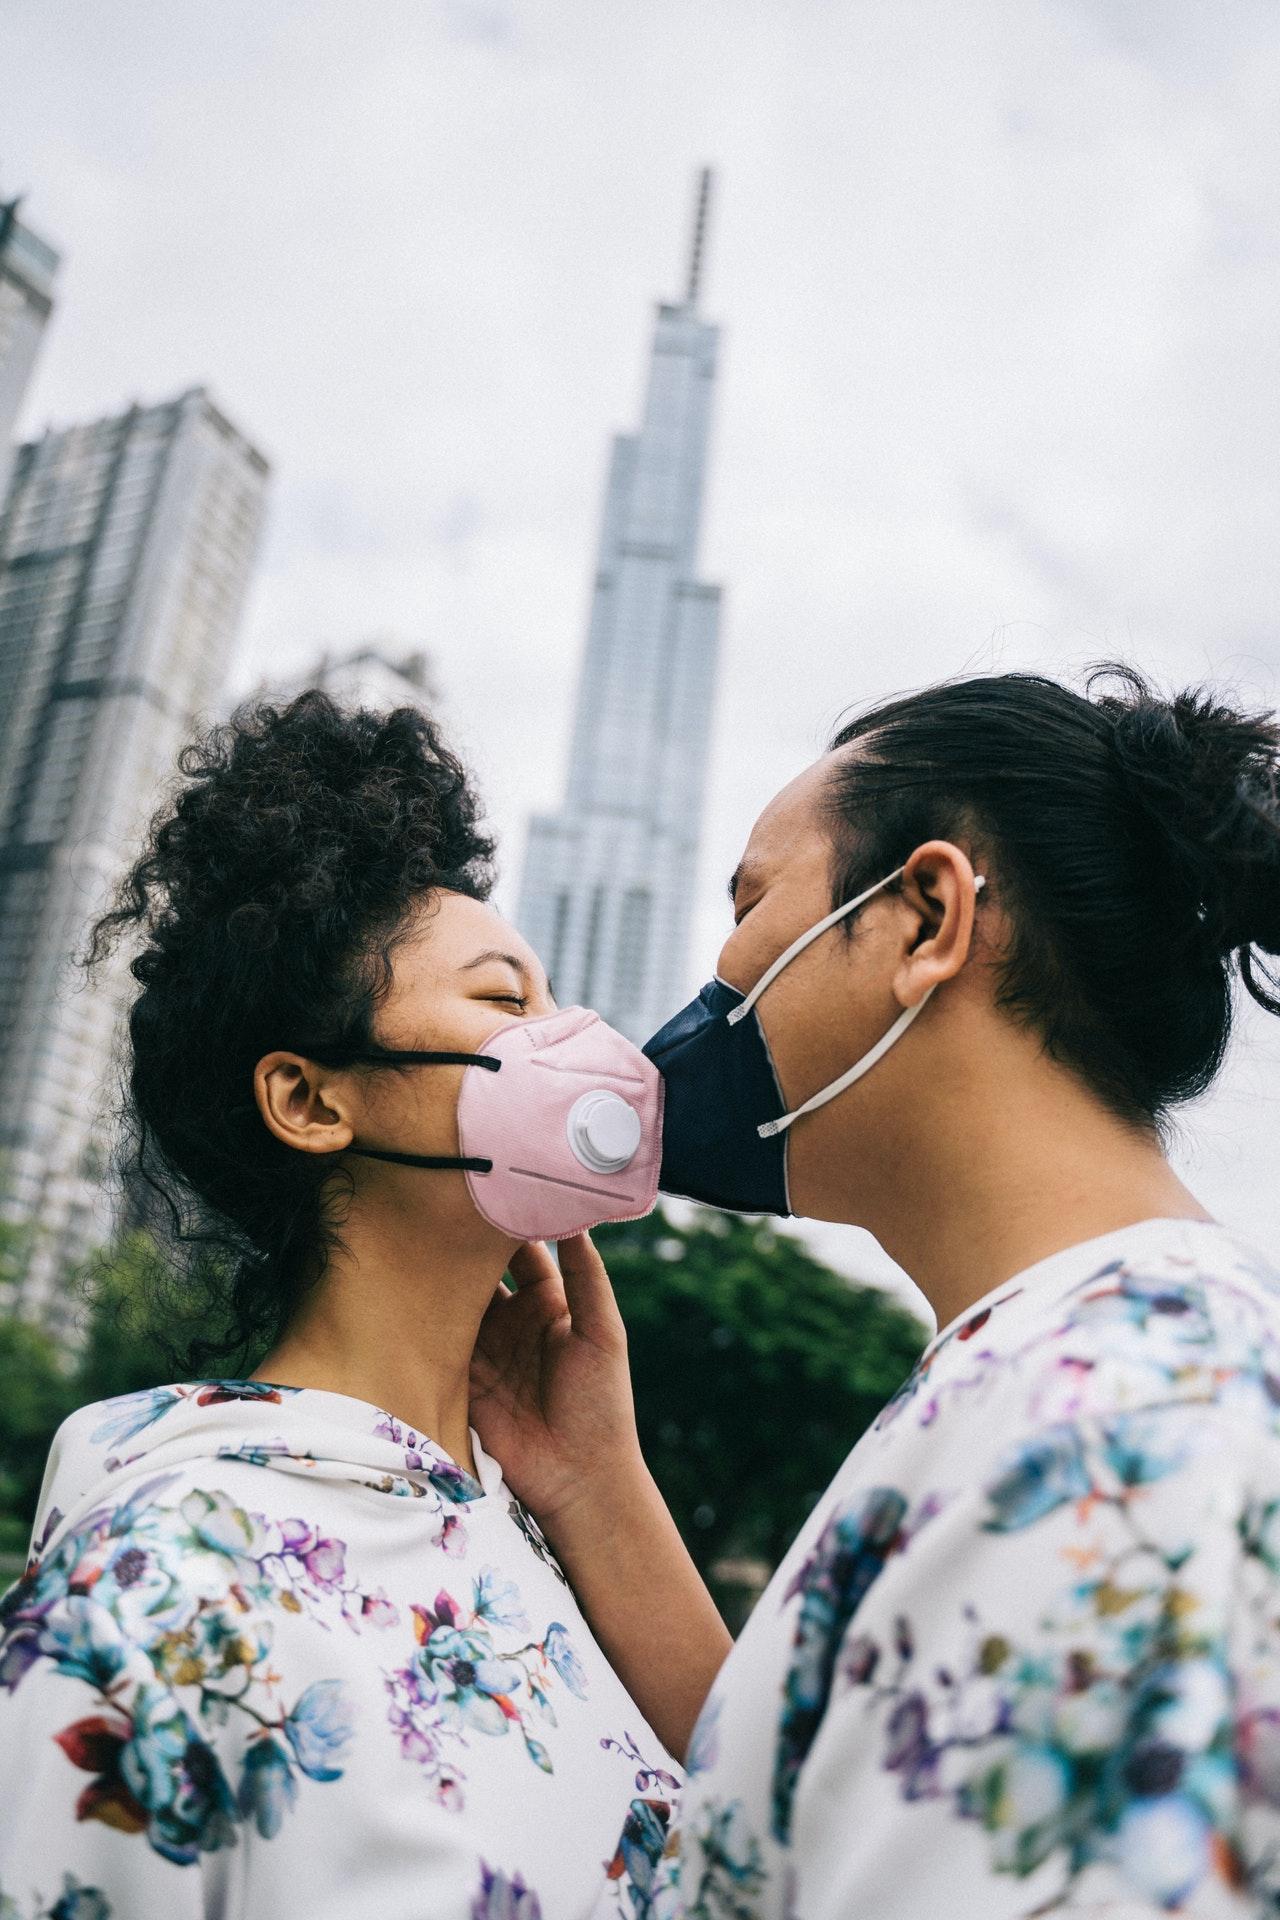 küssen in atemschutzmasken